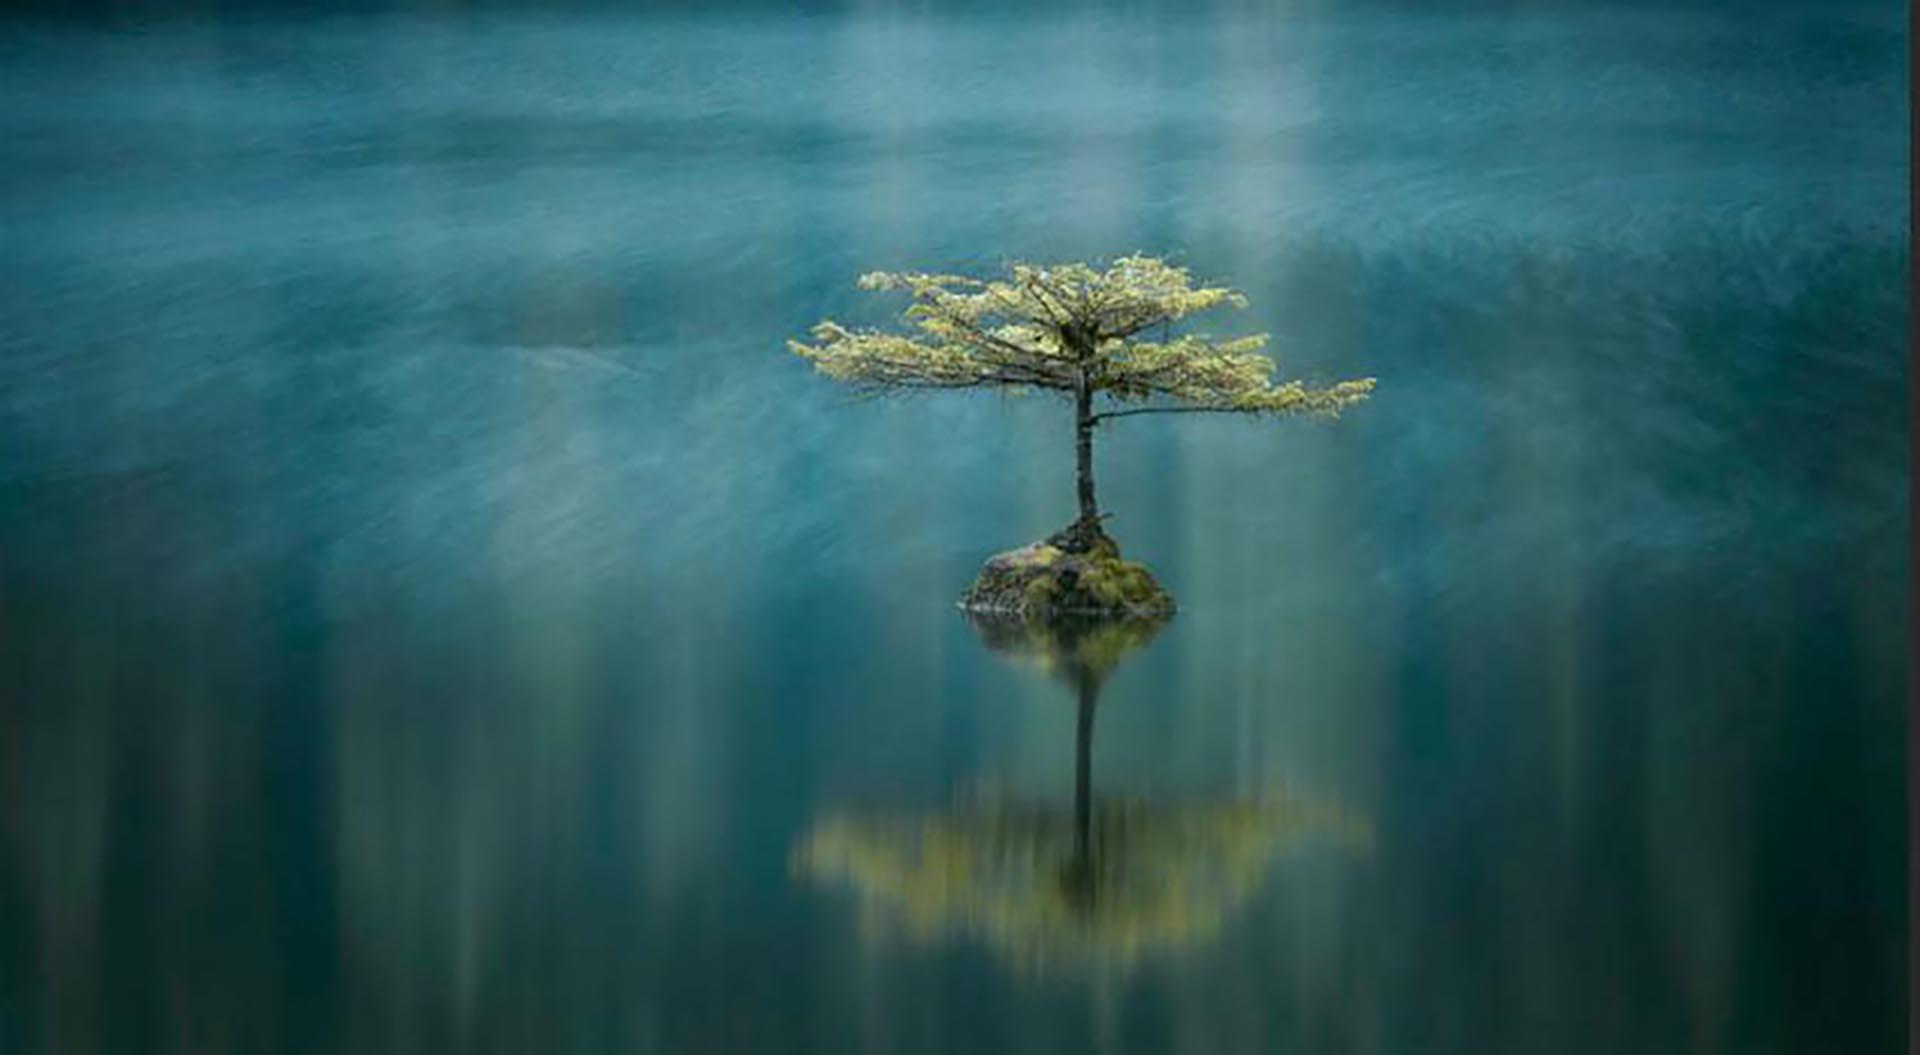 El segundo puesto fue para Adam Gibbs, con la imagen del Fairy Lake, en Canadá